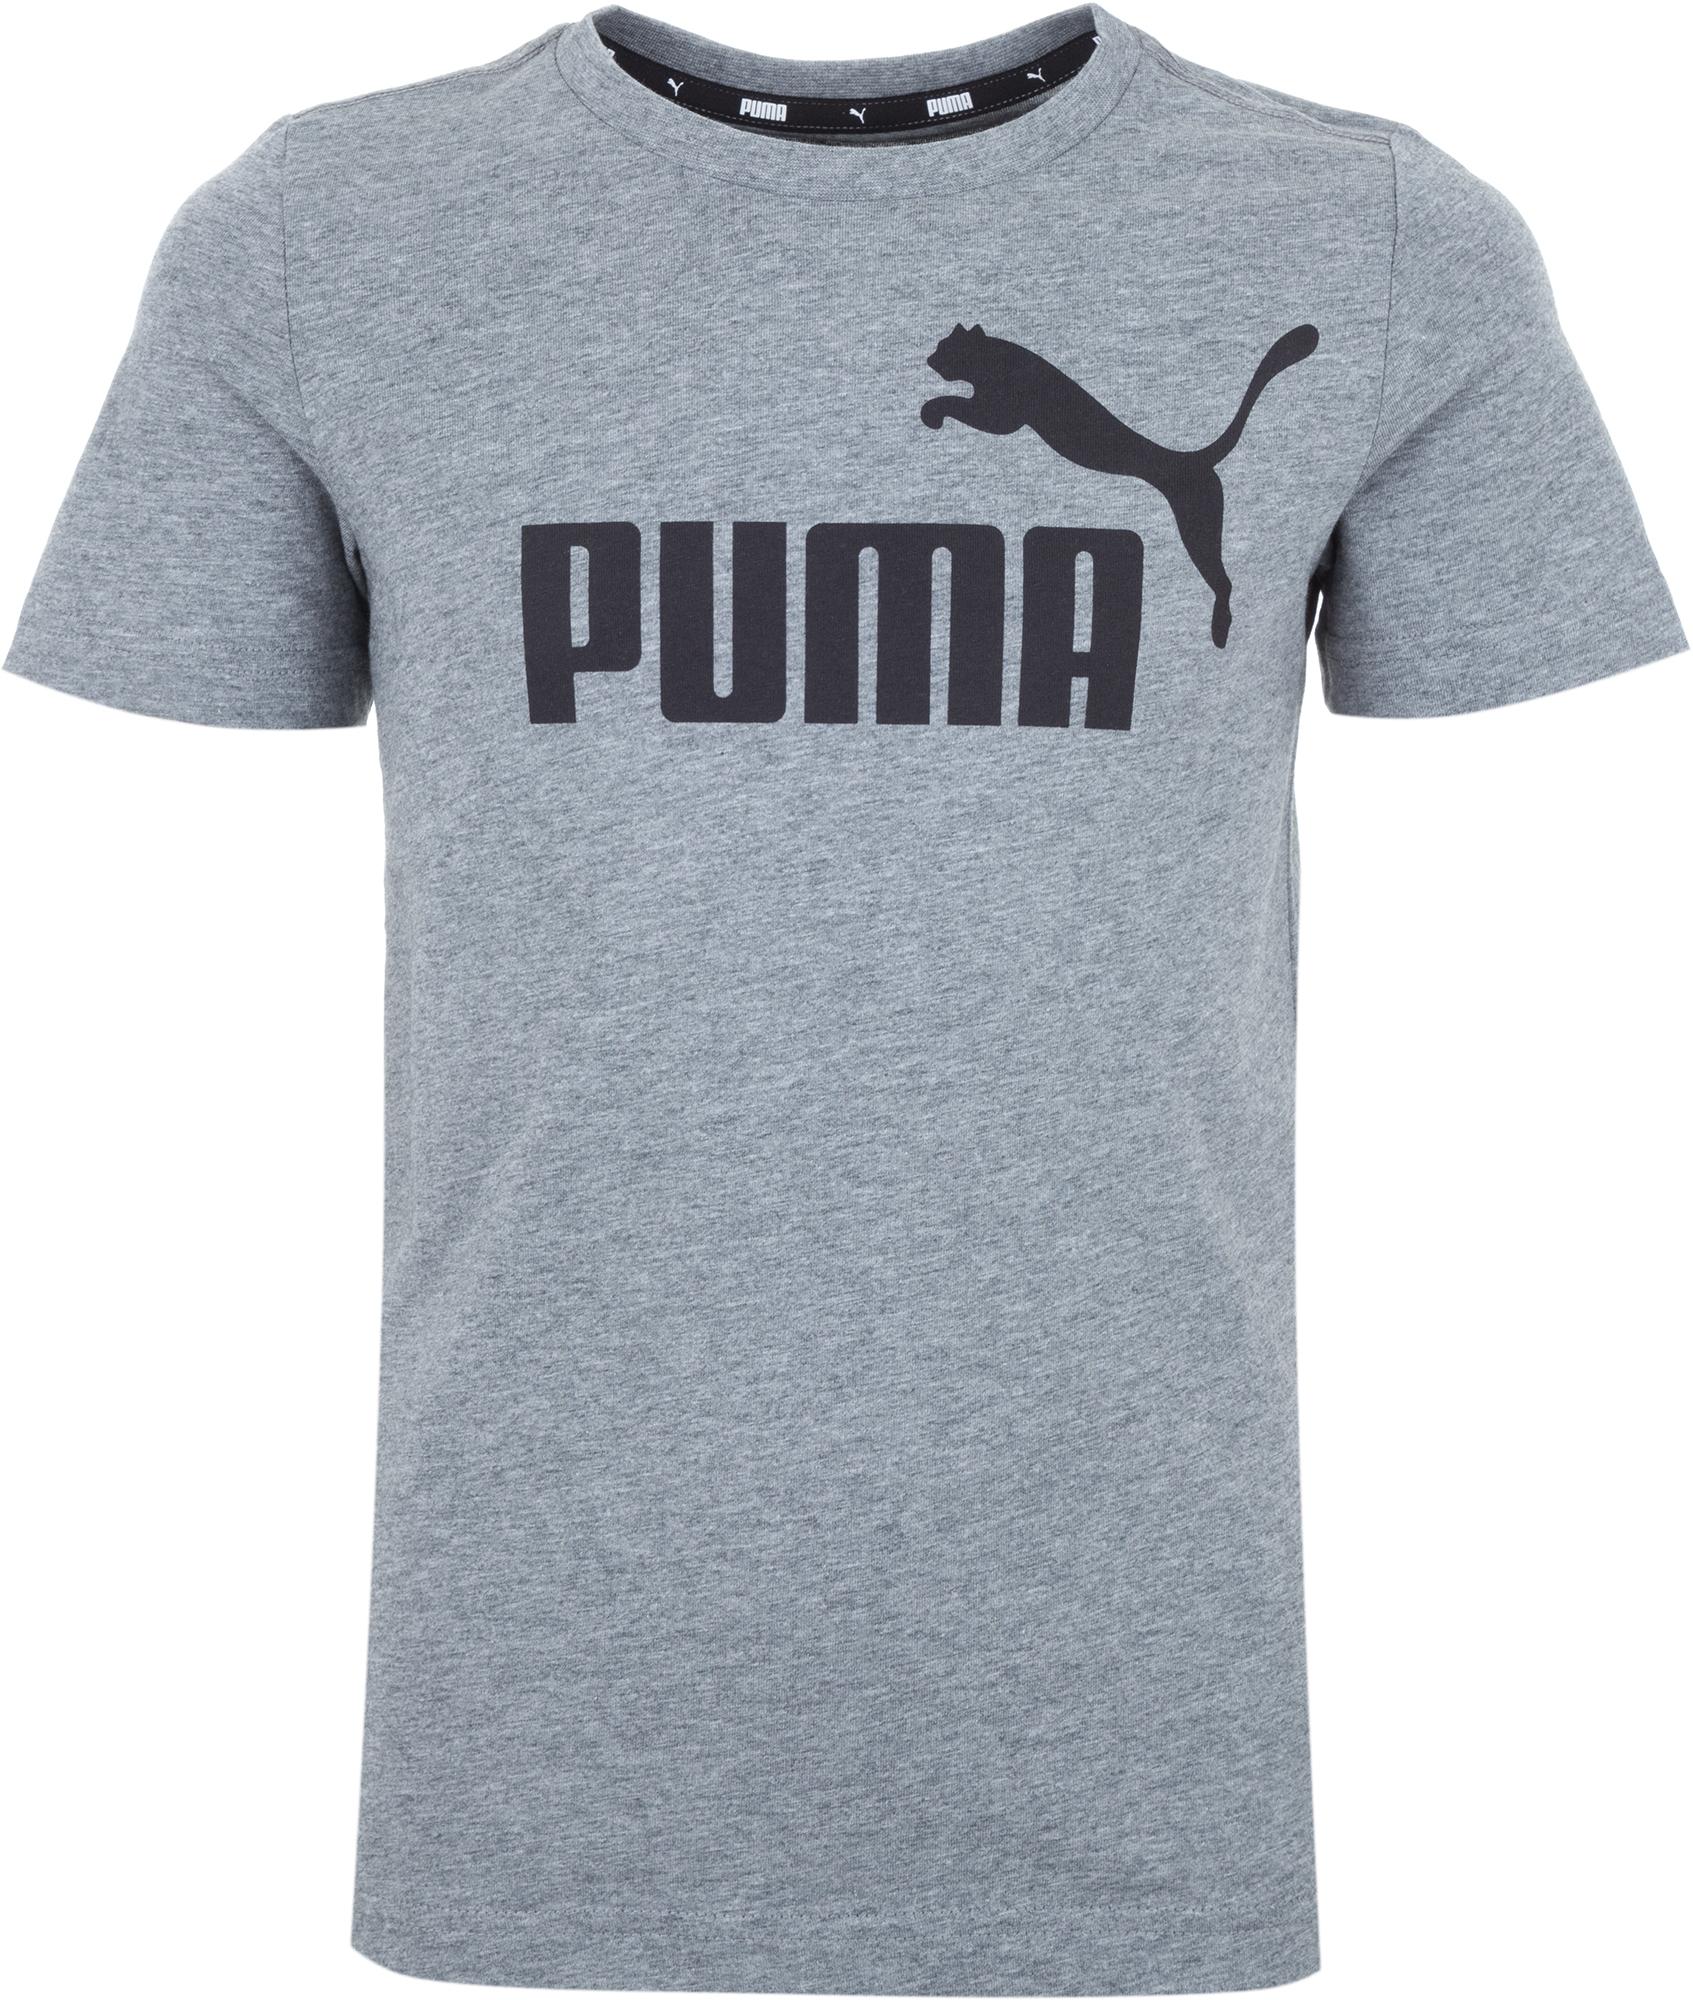 Puma Футболка для мальчиков Puma ESS Logo Tee, размер 176 цена в Москве и Питере